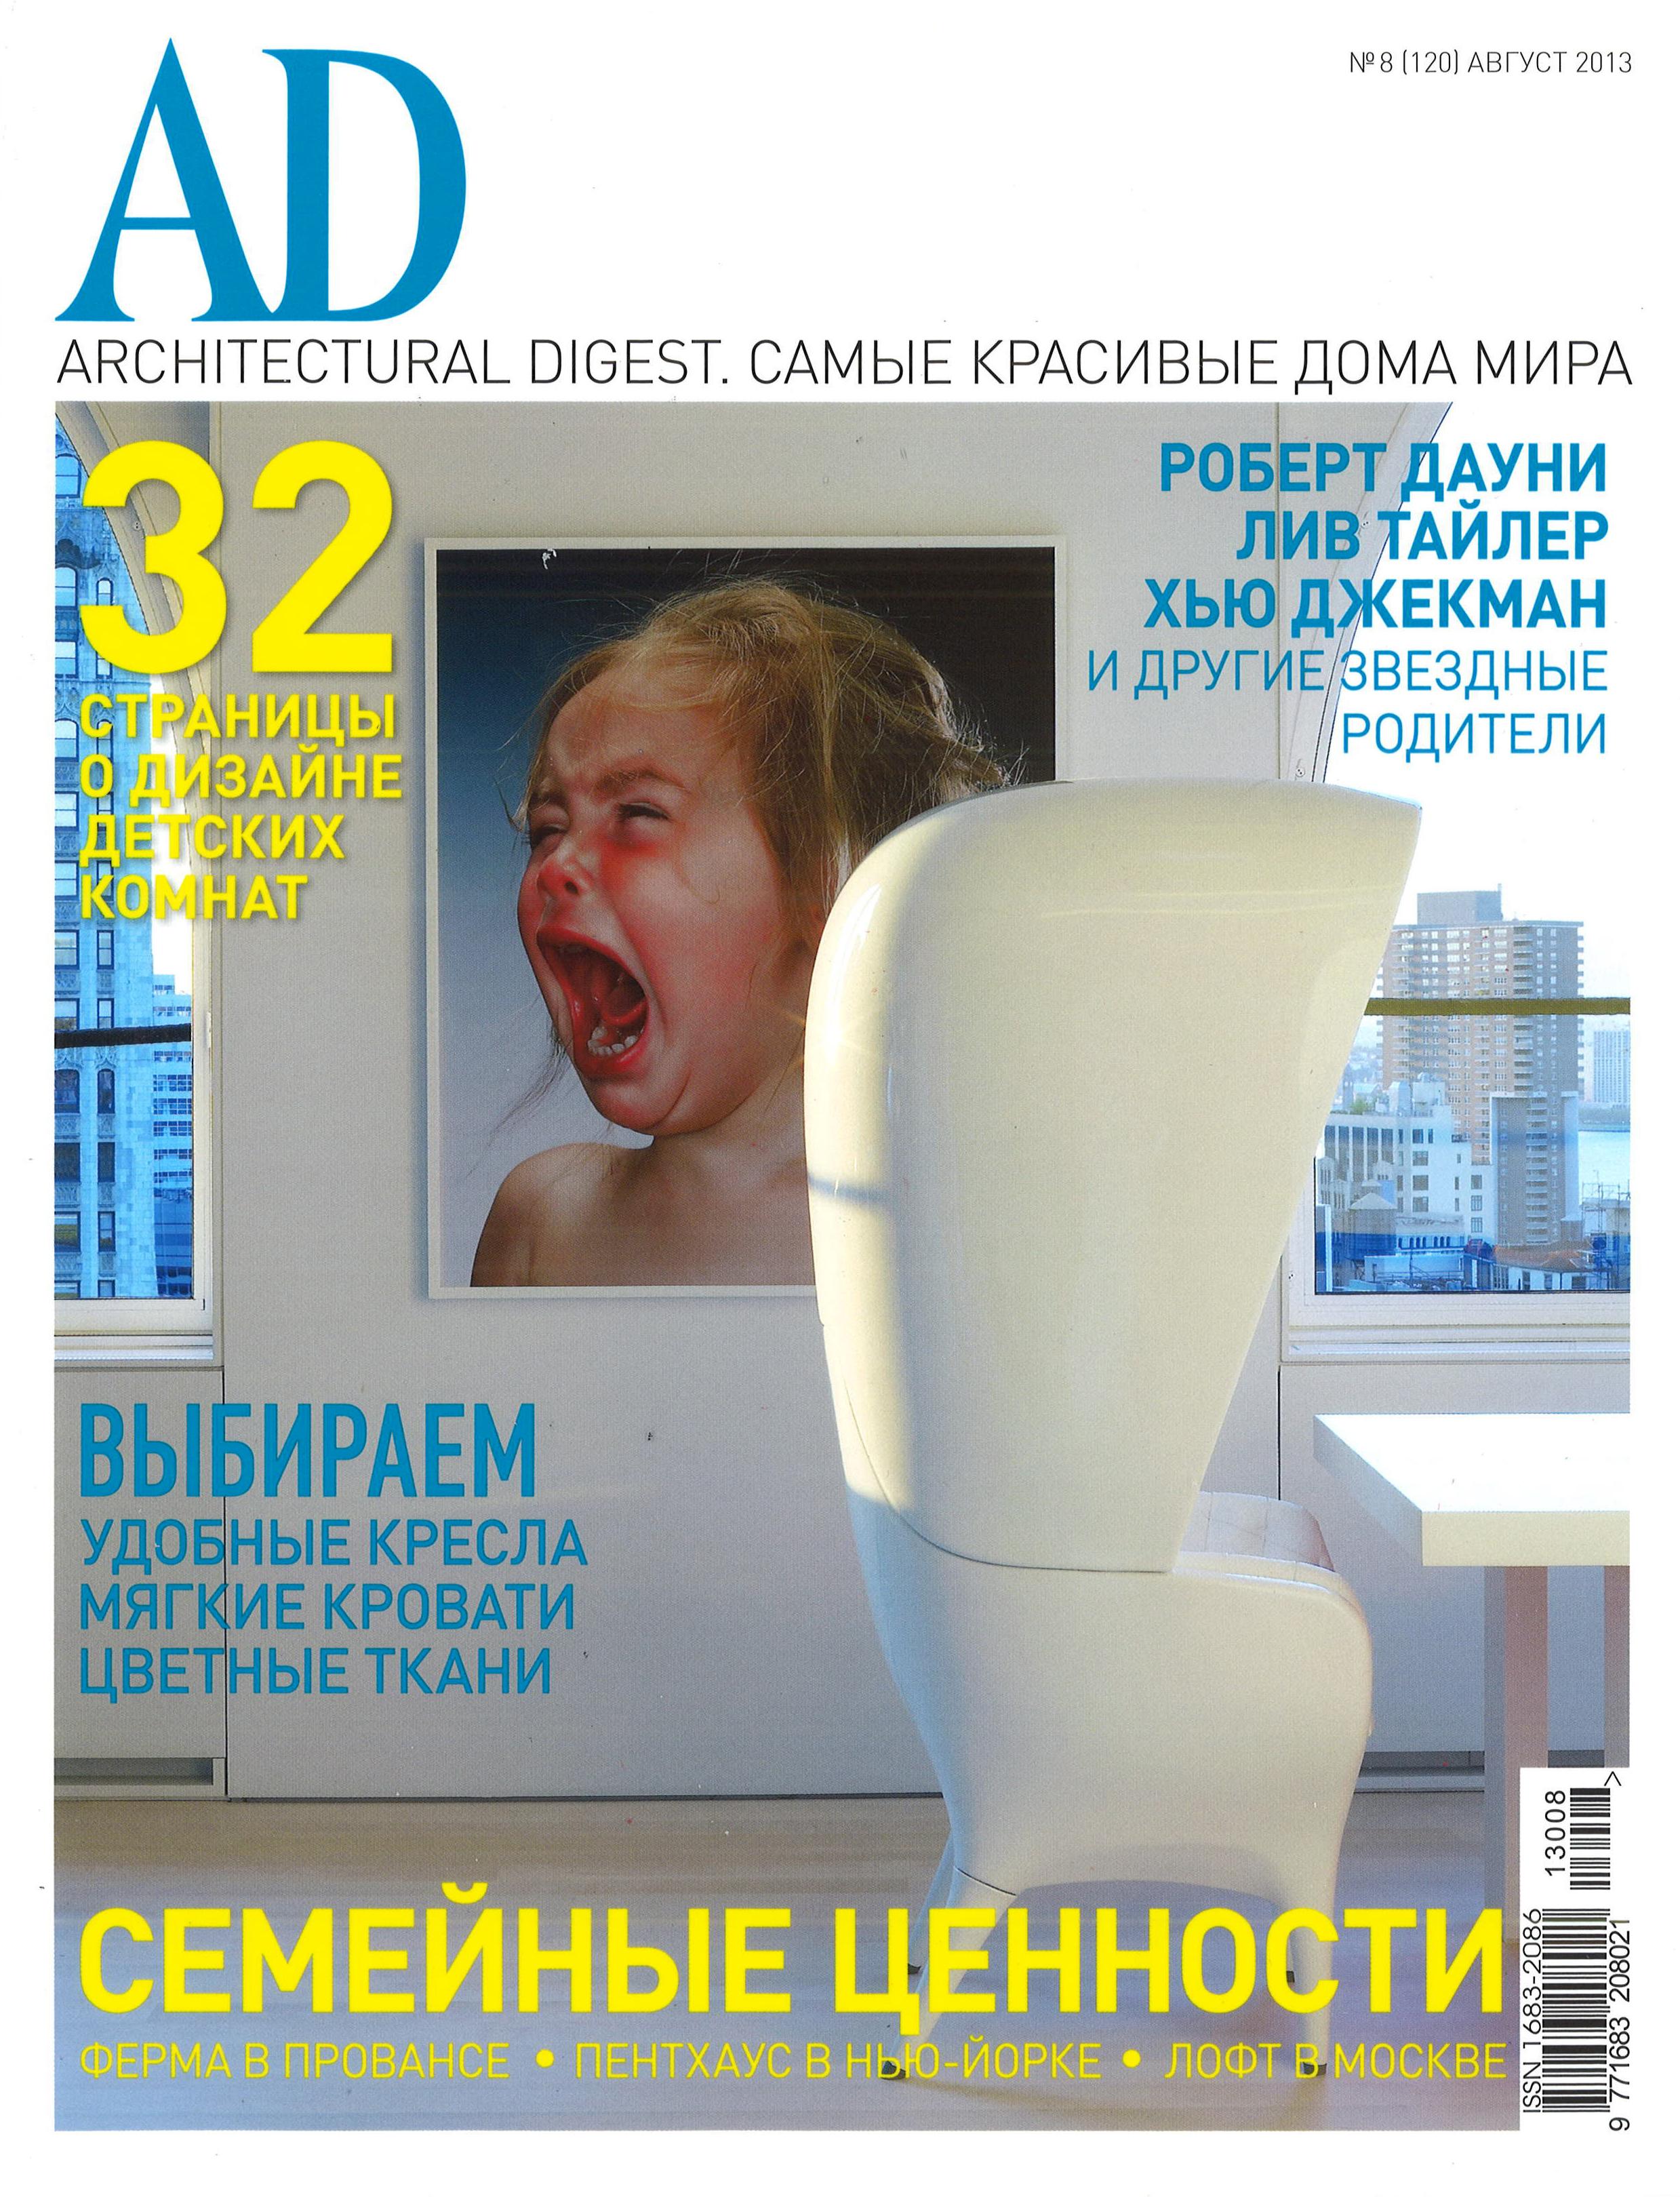 AD_Russia_April2013.jpg